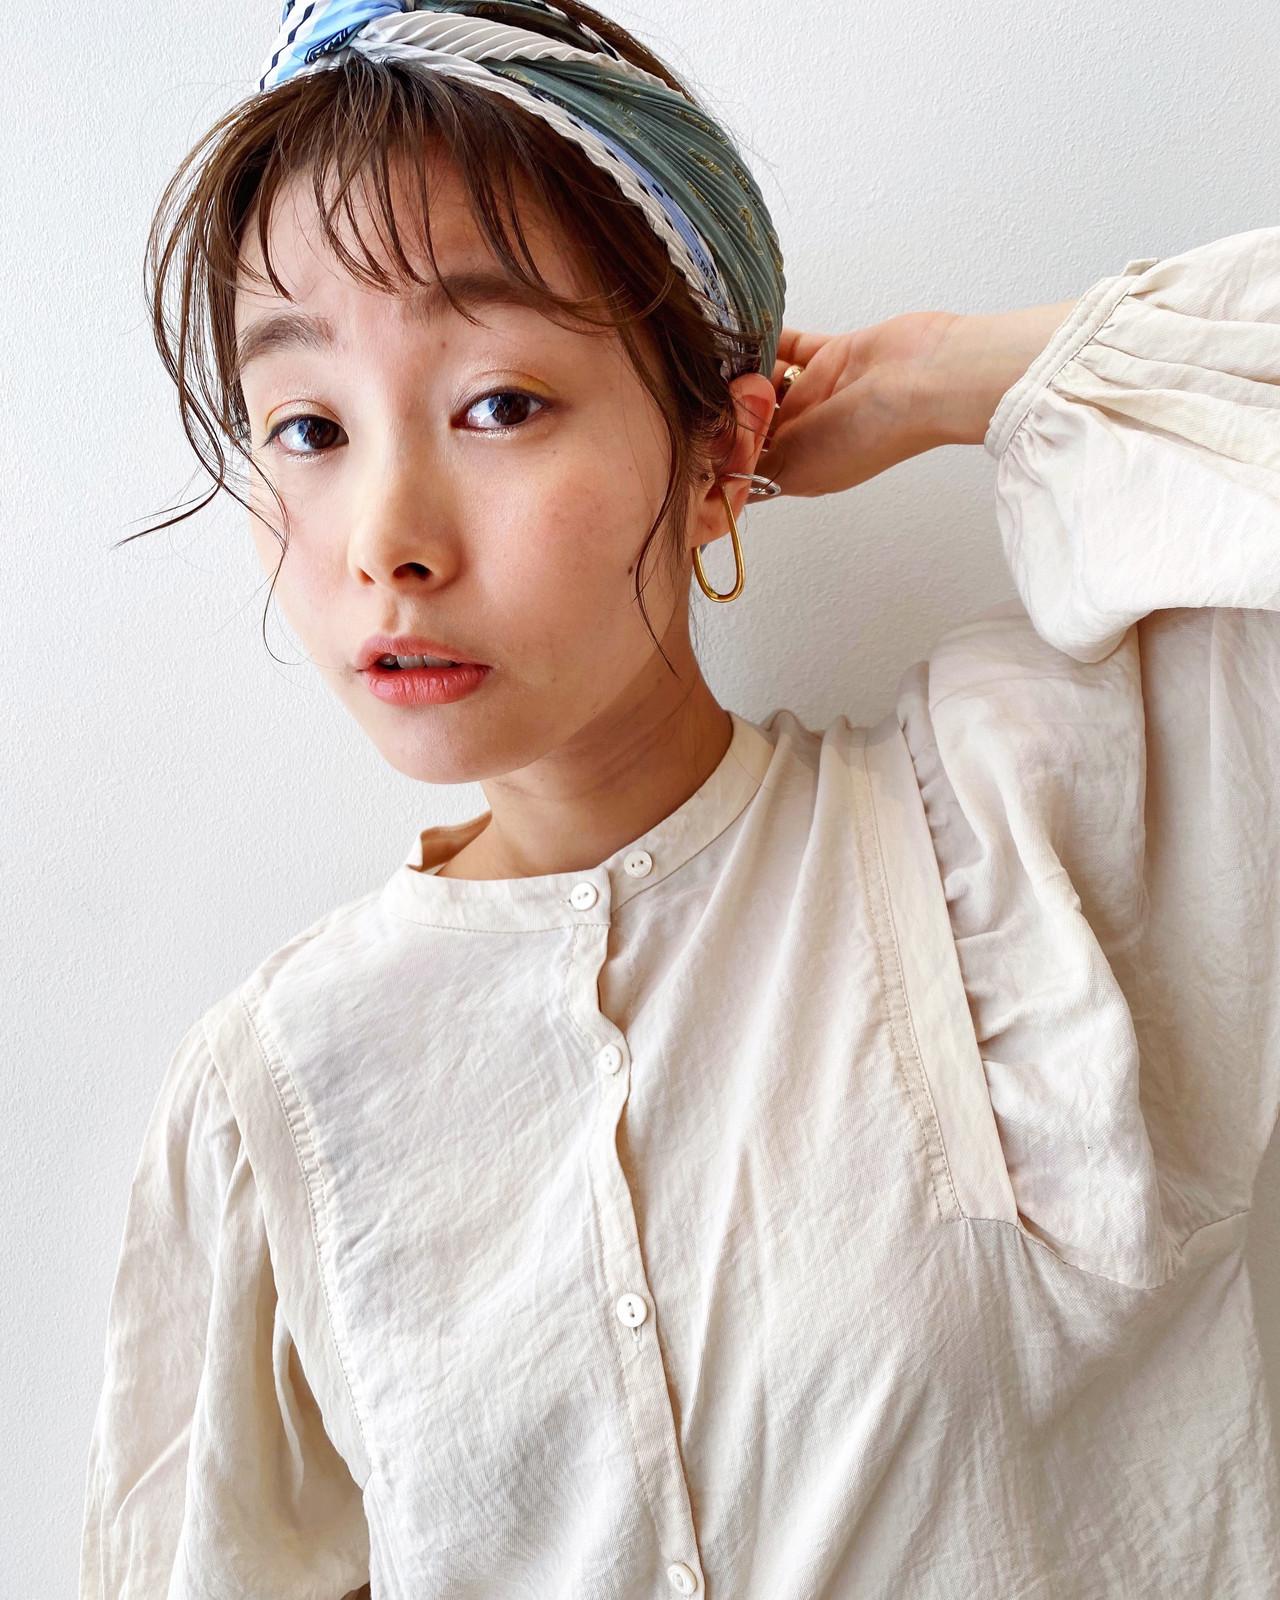 小顔 スカーフアレンジ ミディアム 小顔ヘア ヘアスタイルや髪型の写真・画像